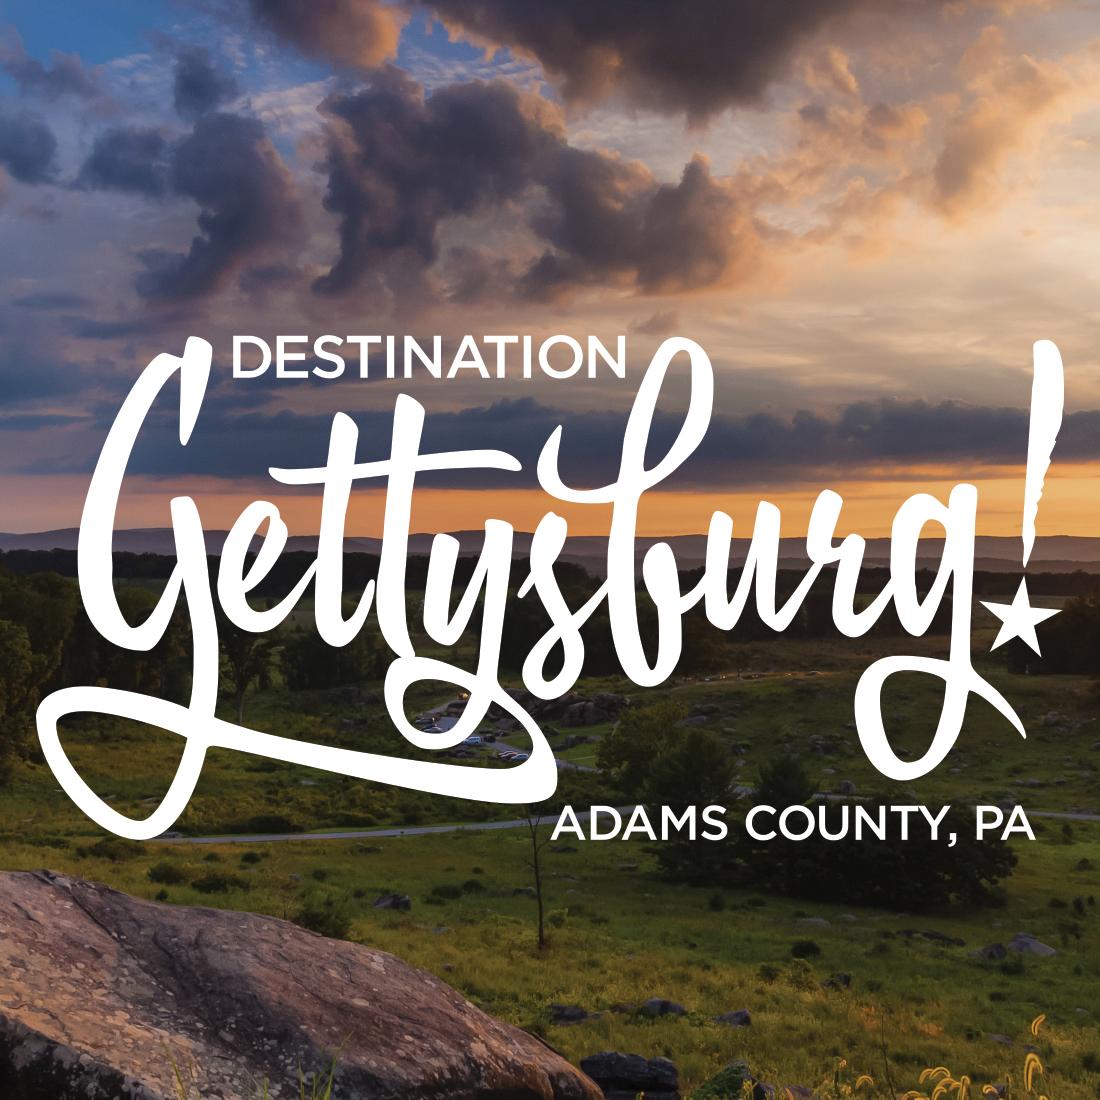 Destiantion Gettysburg BOOM Creative 2018